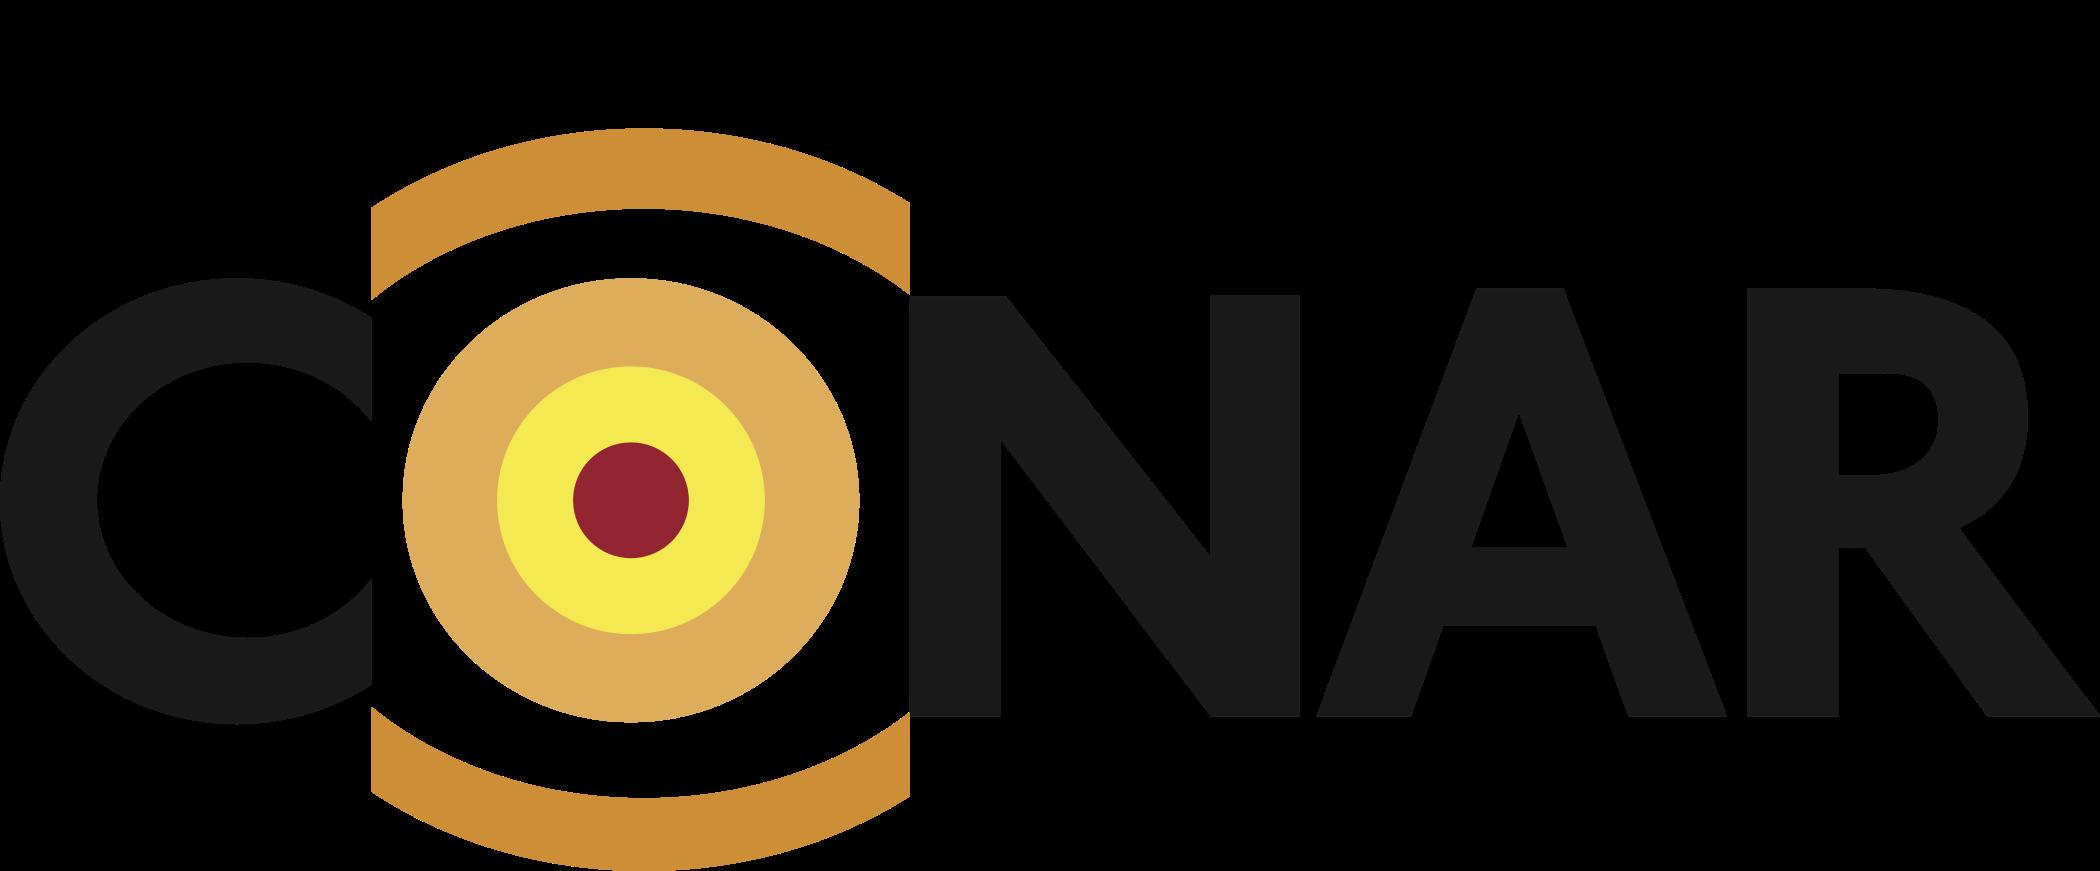 Conar Logo.